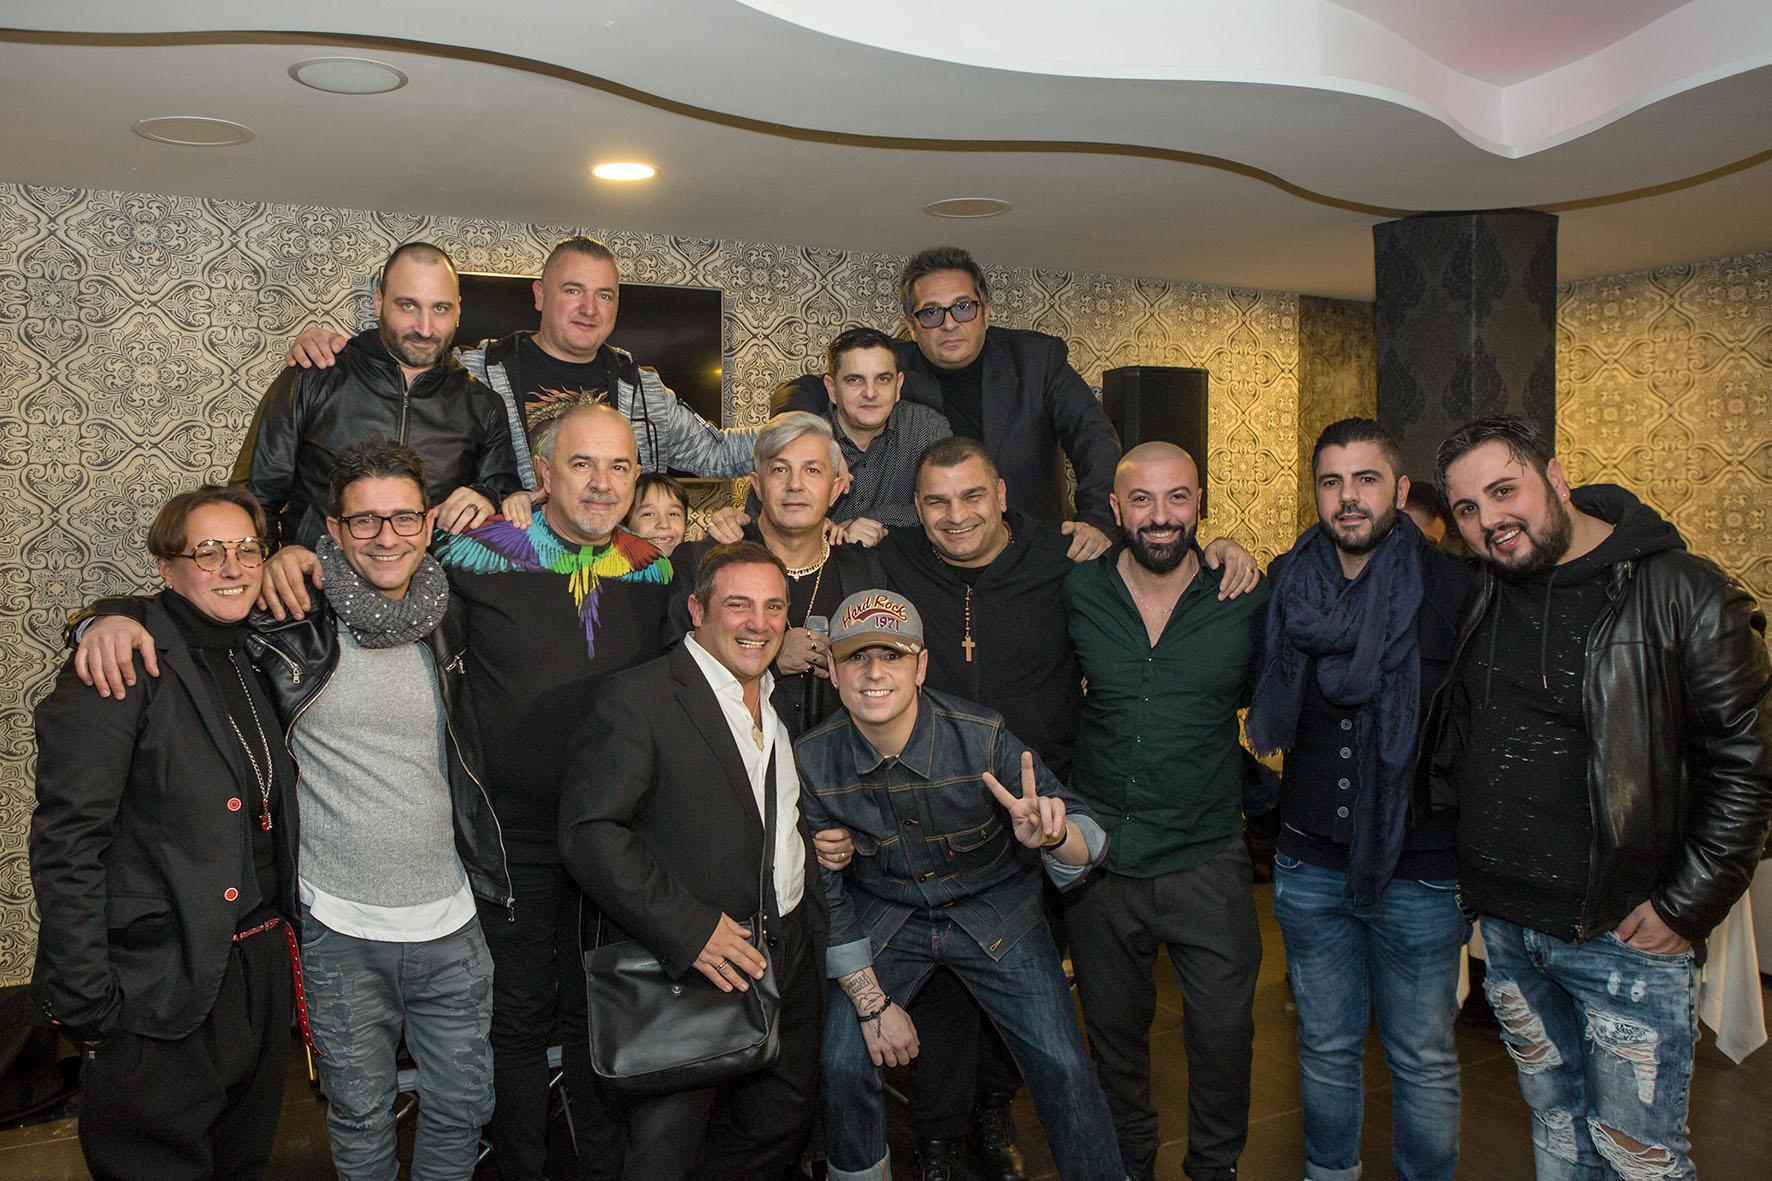 Il cantante Ciro Rigione festeggia i primi 30 anni di carriera